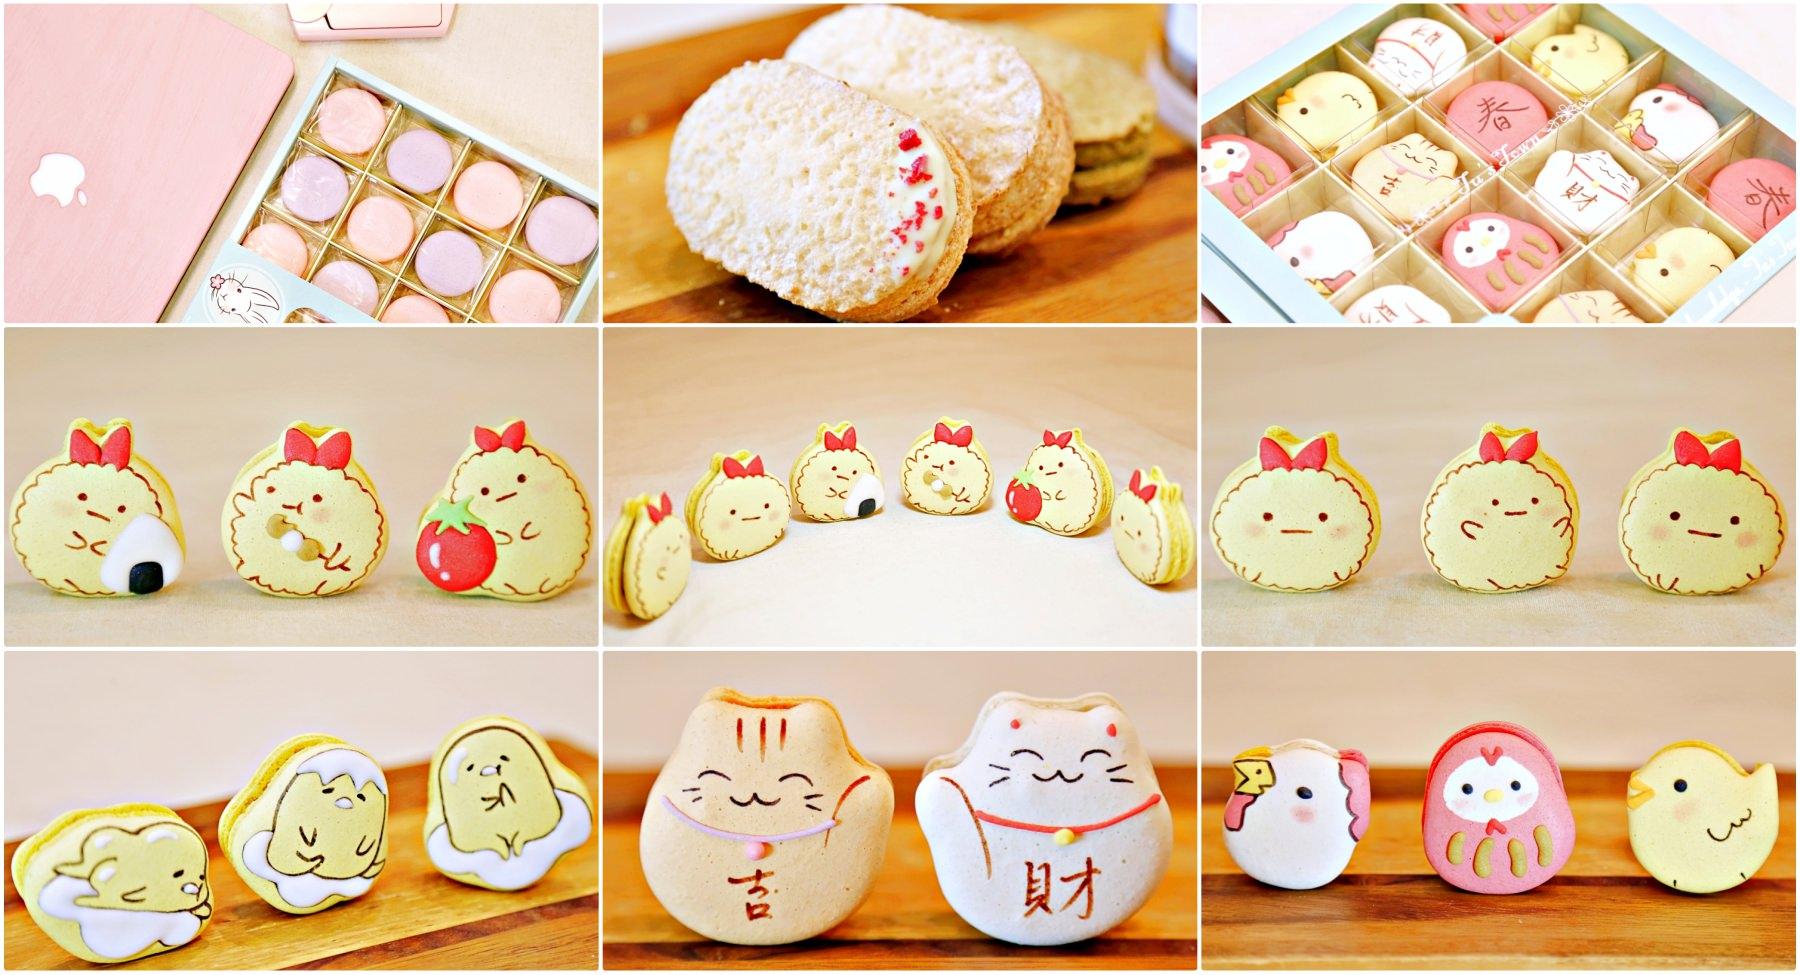 客製化造型馬卡龍 過年送禮結婚小物 ♥ Tu's Town Pâtisserie《兔思糖法式甜點》♥ Joyce食尚樂活。餐桌記